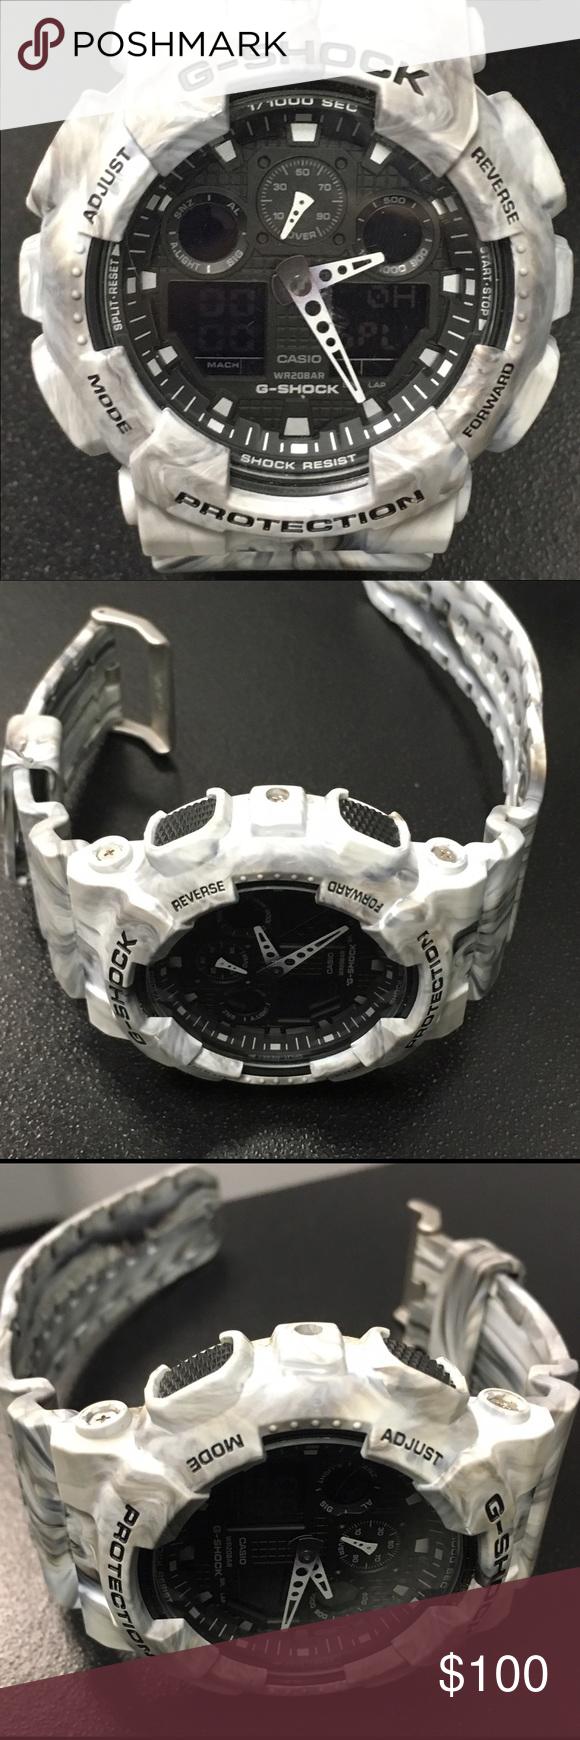 Gshock marble white watch pinterest